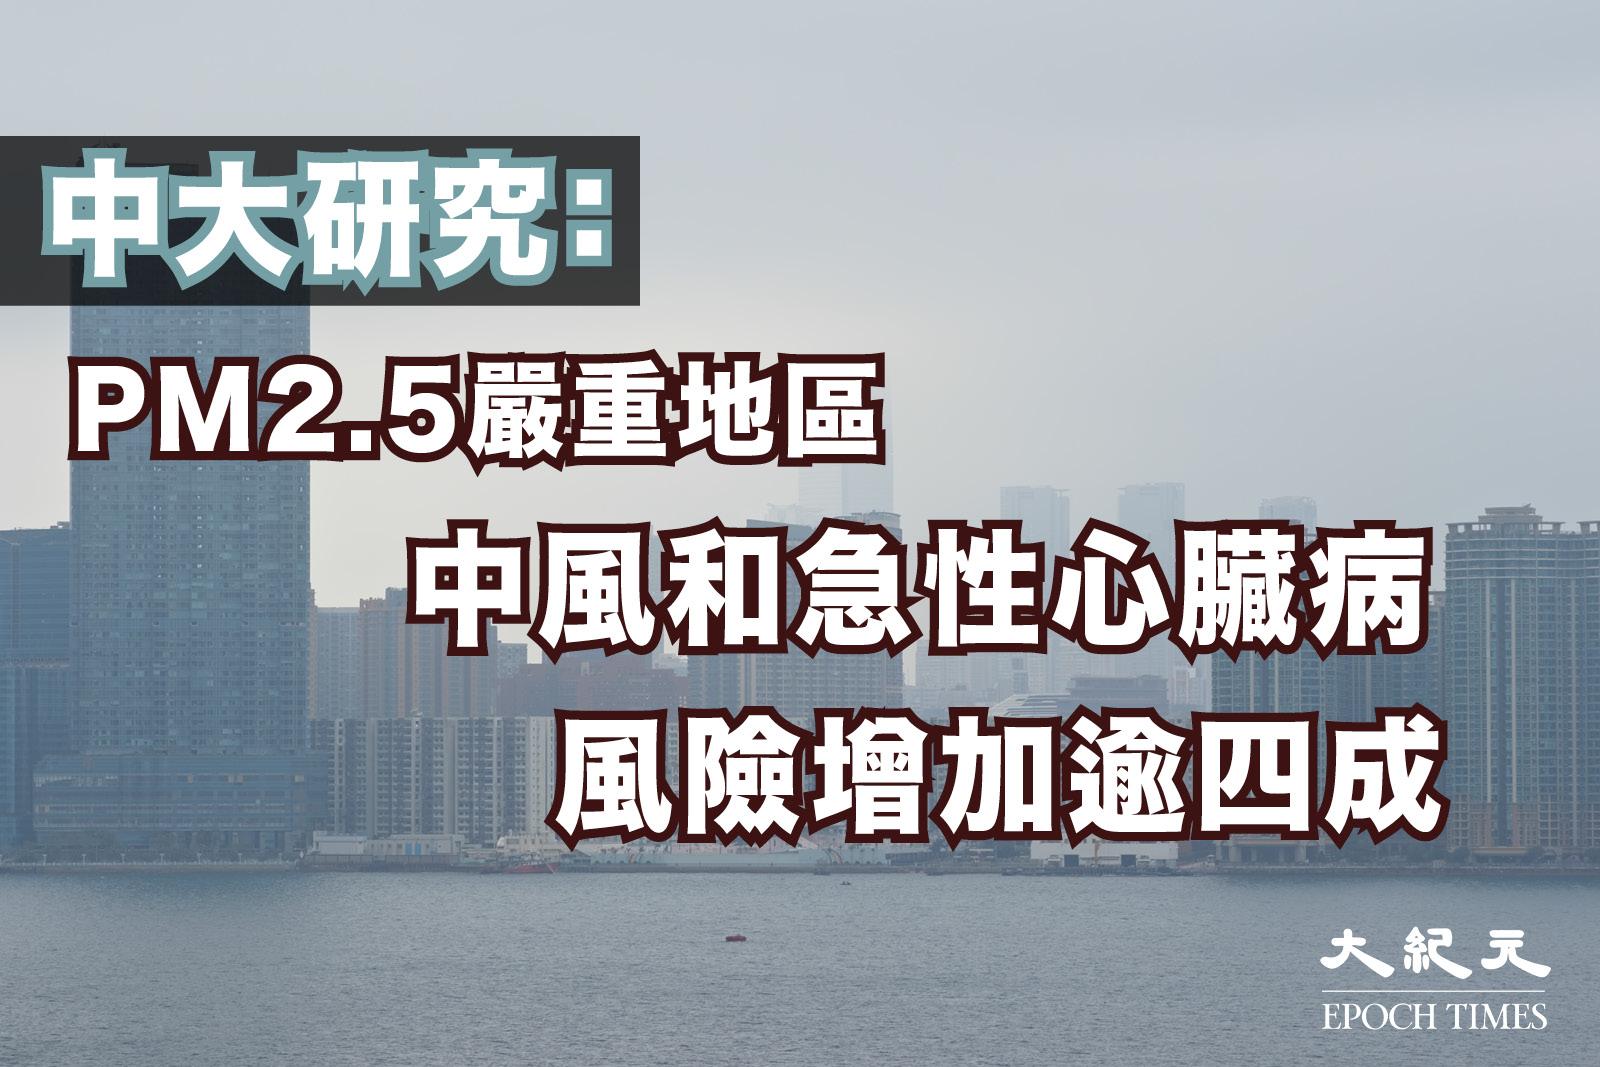 香港中文大學醫學院研究表明,生活在PM2.5(微細懸浮粒子)高濃度地區的人士,中風和急性心臟病的風險分別增加逾40%。(大紀元製圖)